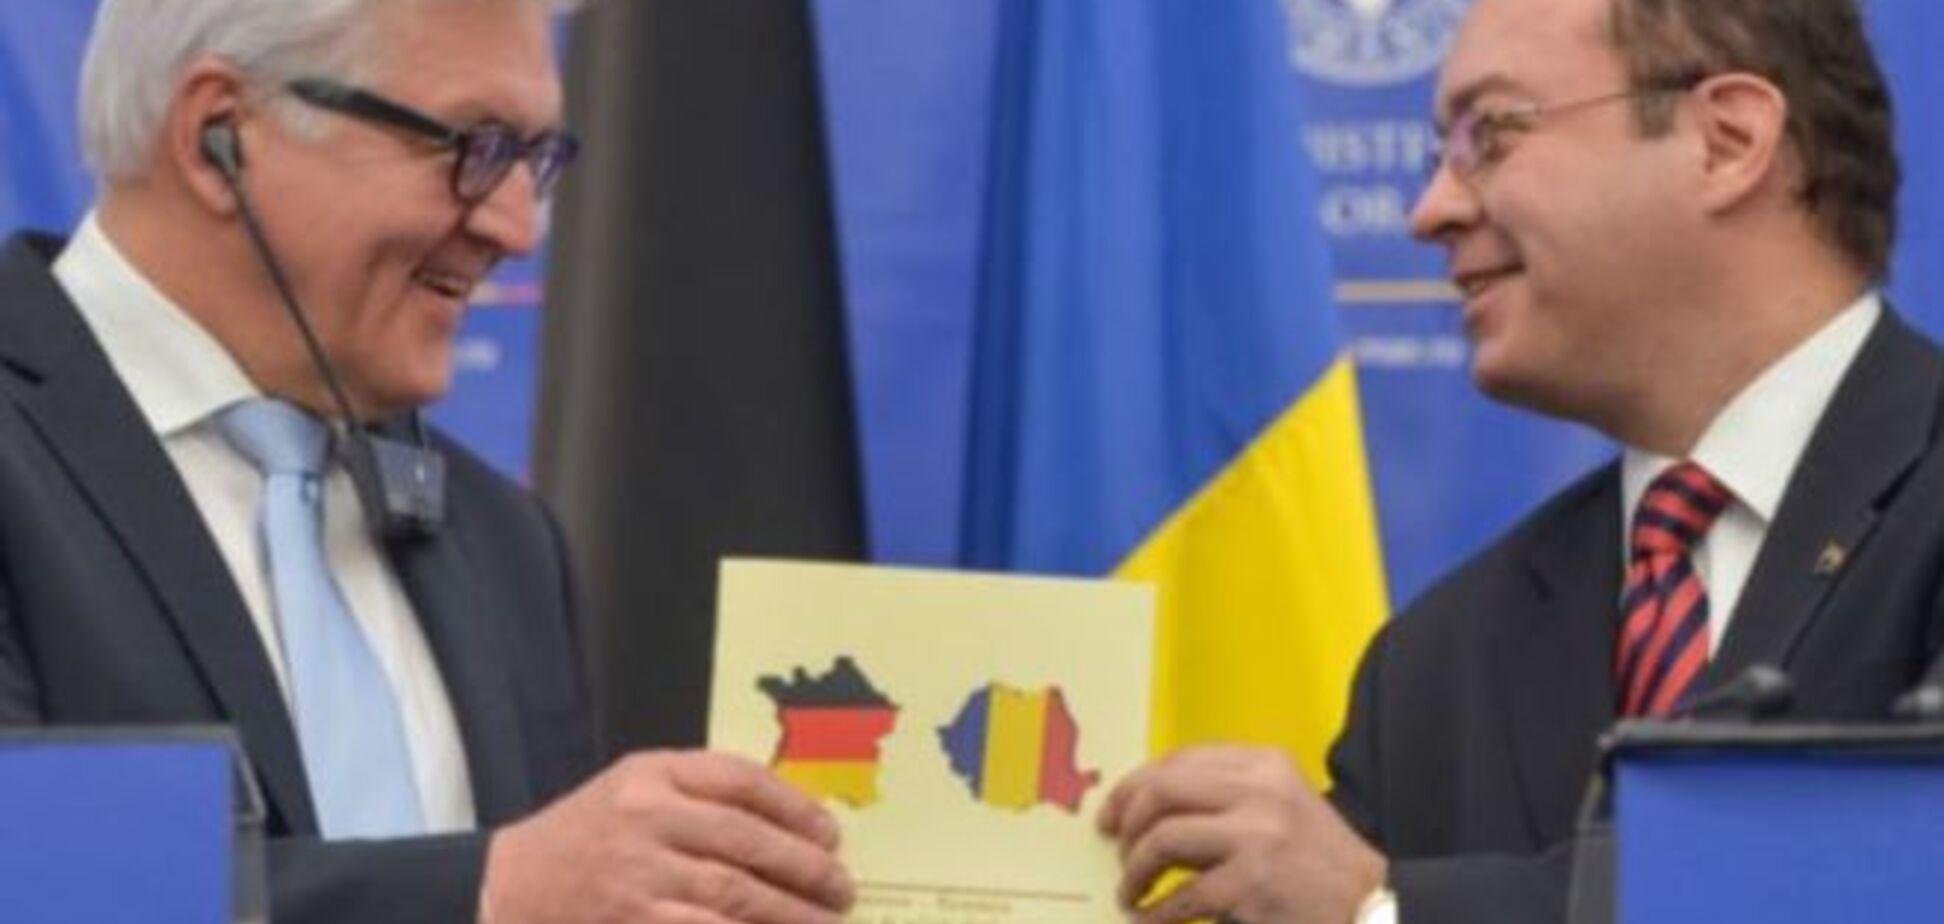 Упс! Румыния напечатала карту Франции, раскрашенную в цвета немецкого флага: фотофакт